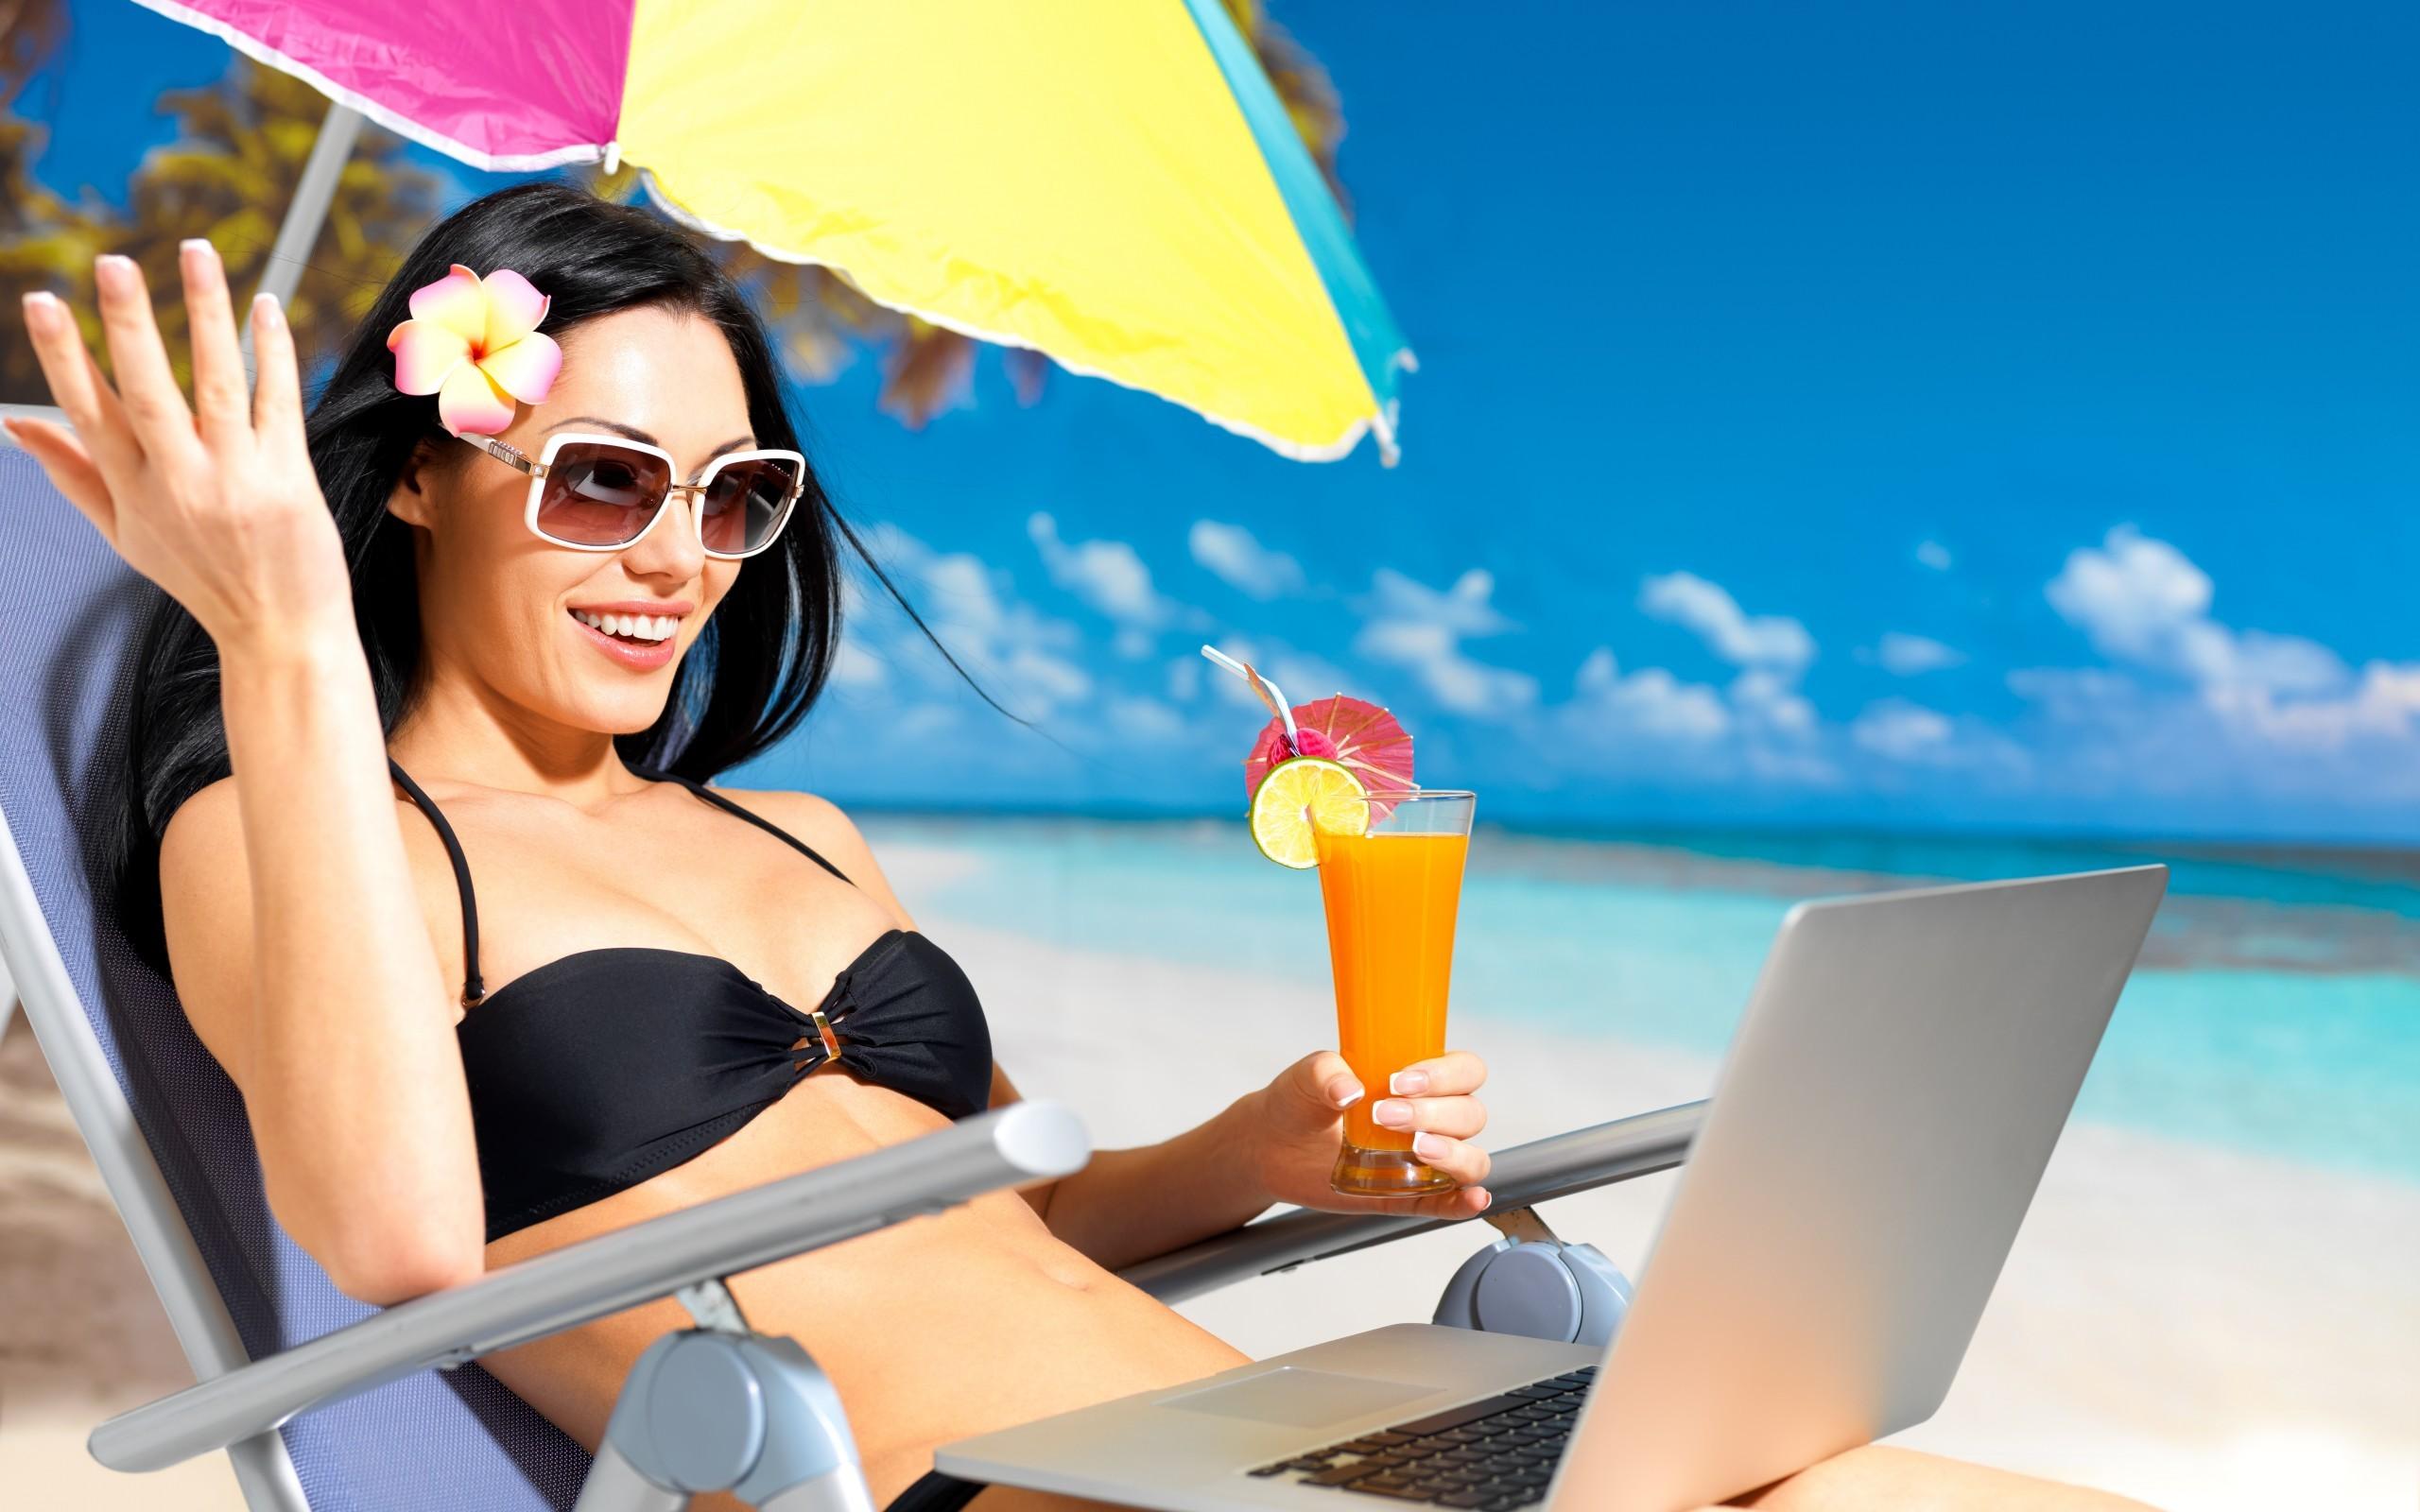 Vacaciones en la playa - 2560x1600